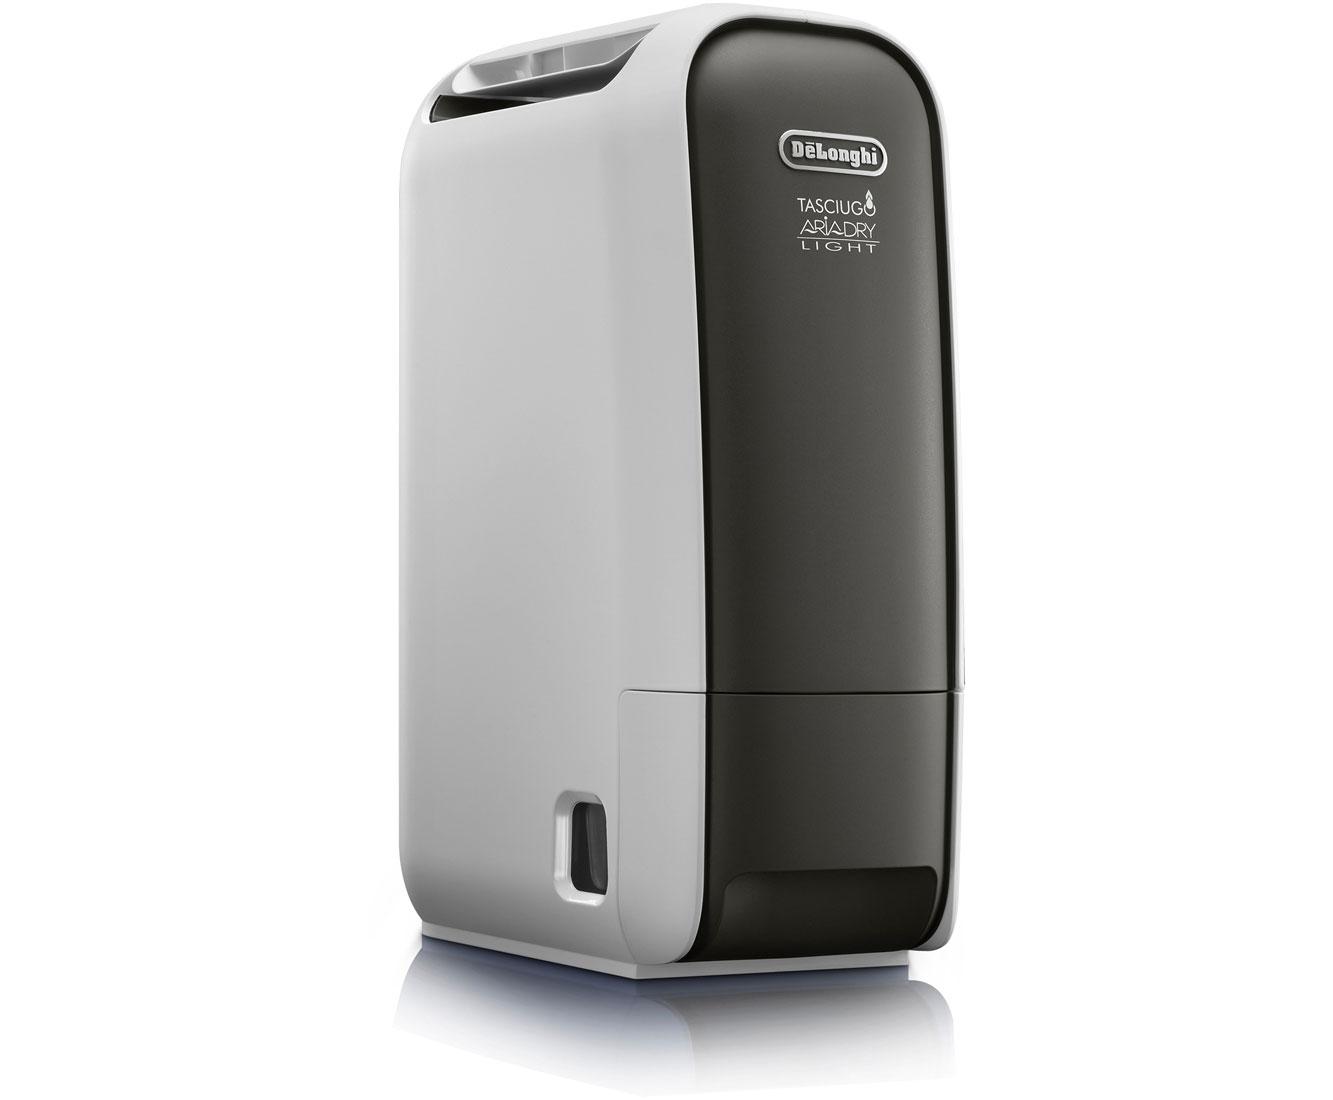 Haushaltsgeräte 220 V 900 W Ipx4 Mini Klimaanlage Desktops Fenster Klimaanlage Haushalts Luftkühler Klimaanlage Mit Fernbedienung Neueste Technik